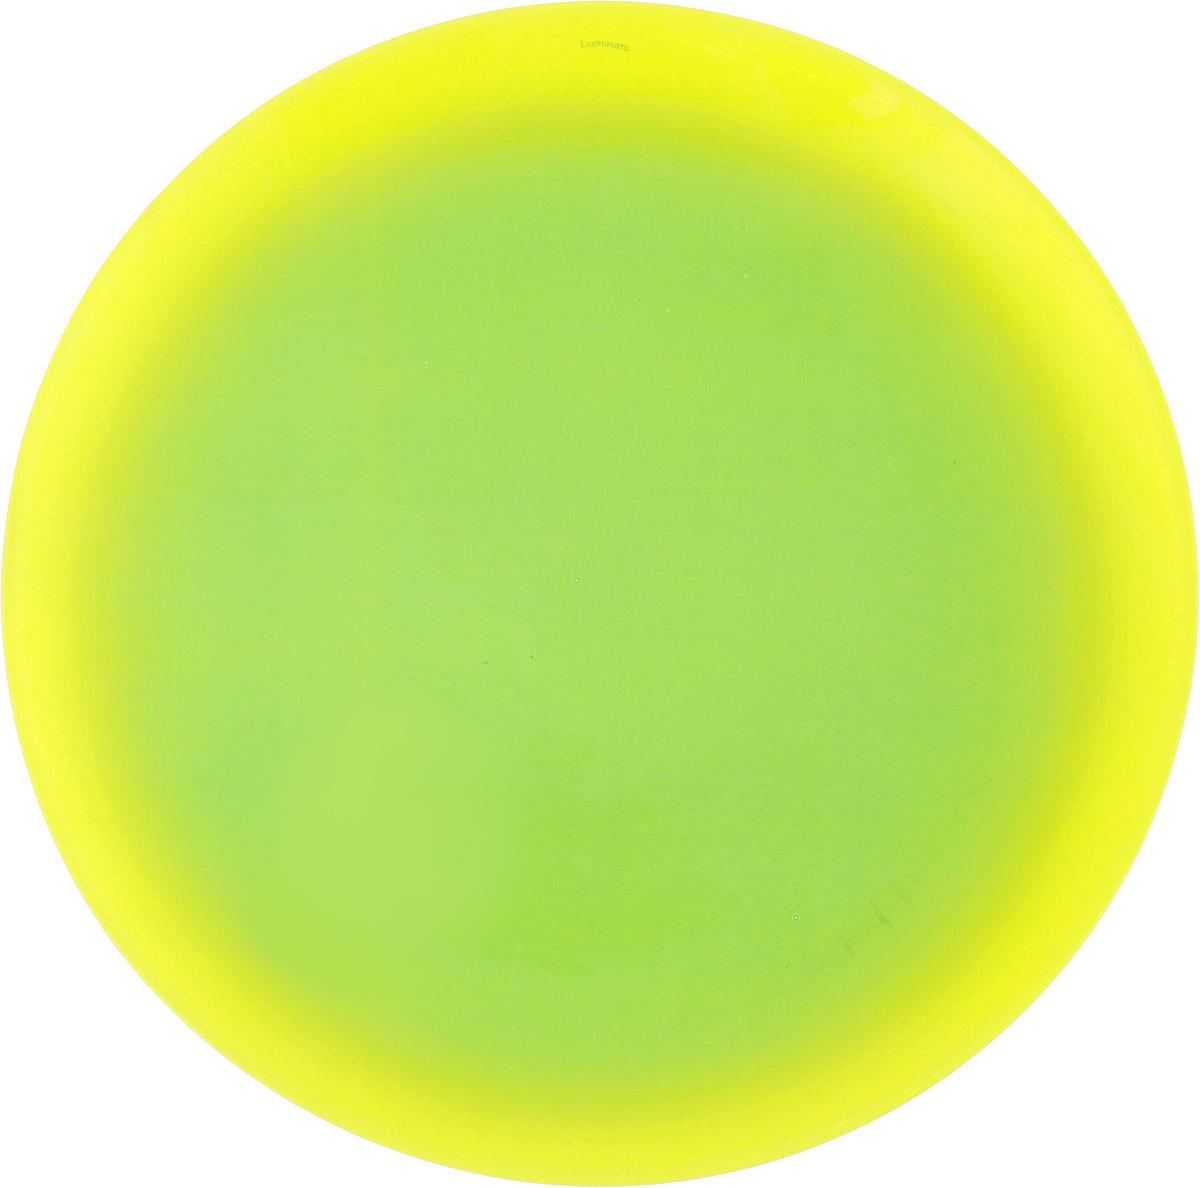 Тарелка обеденная Luminarc Fizz Mint, диаметр 25 см54 009312Обеденная тарелка Luminarc Fizz Mint, изготовленная из ударопрочного стекла, имеет изысканный внешний вид. Яркий дизайн придется по вкусу и ценителям классики, и тем, кто предпочитает утонченность. Тарелка Luminarc Fizz Mint идеально подойдет для сервировки вторых блюд из птицы, рыбы, мяса или овощей, а также станет отличным подарком к любому празднику.Диаметр тарелки (по верхнему краю): 25 см.